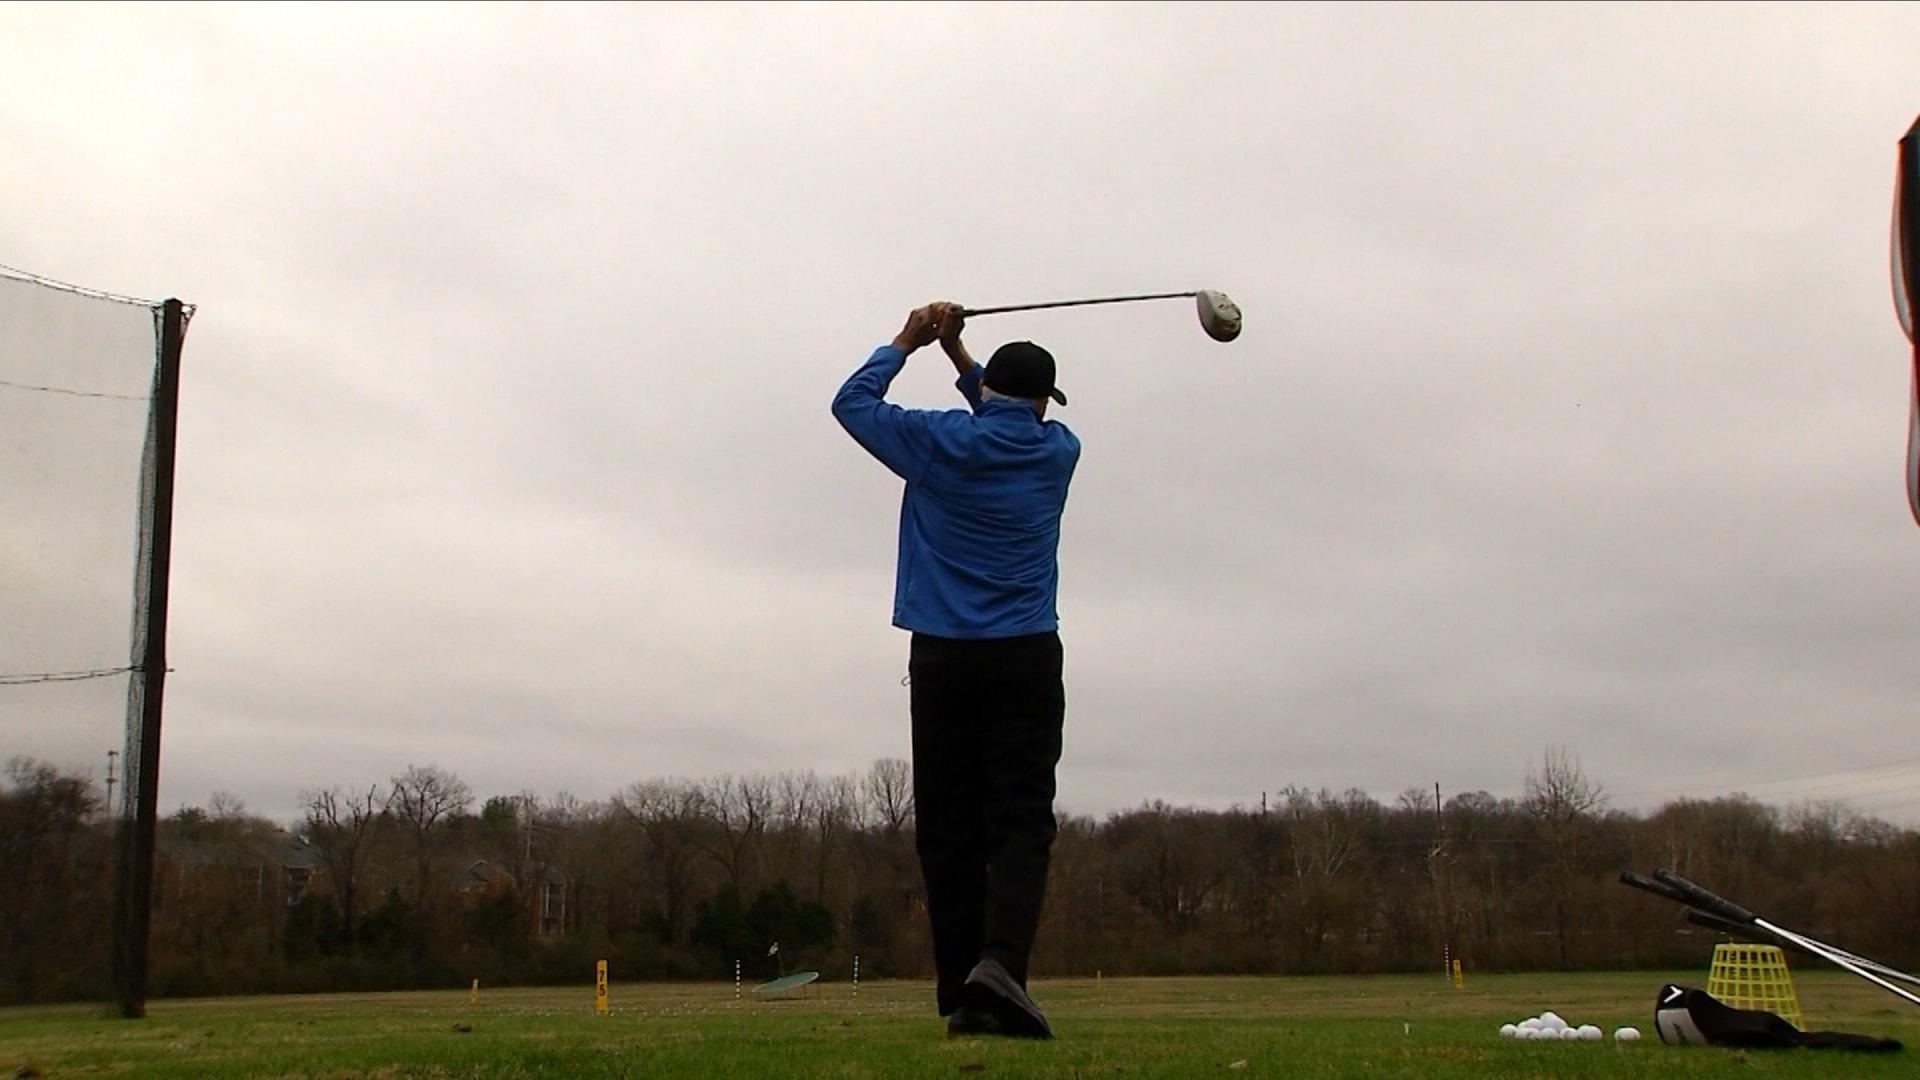 دراسة: لعب الغولف مرة واحدة على الأقل في الشهر قد يضيف سنوات إلى حياتك